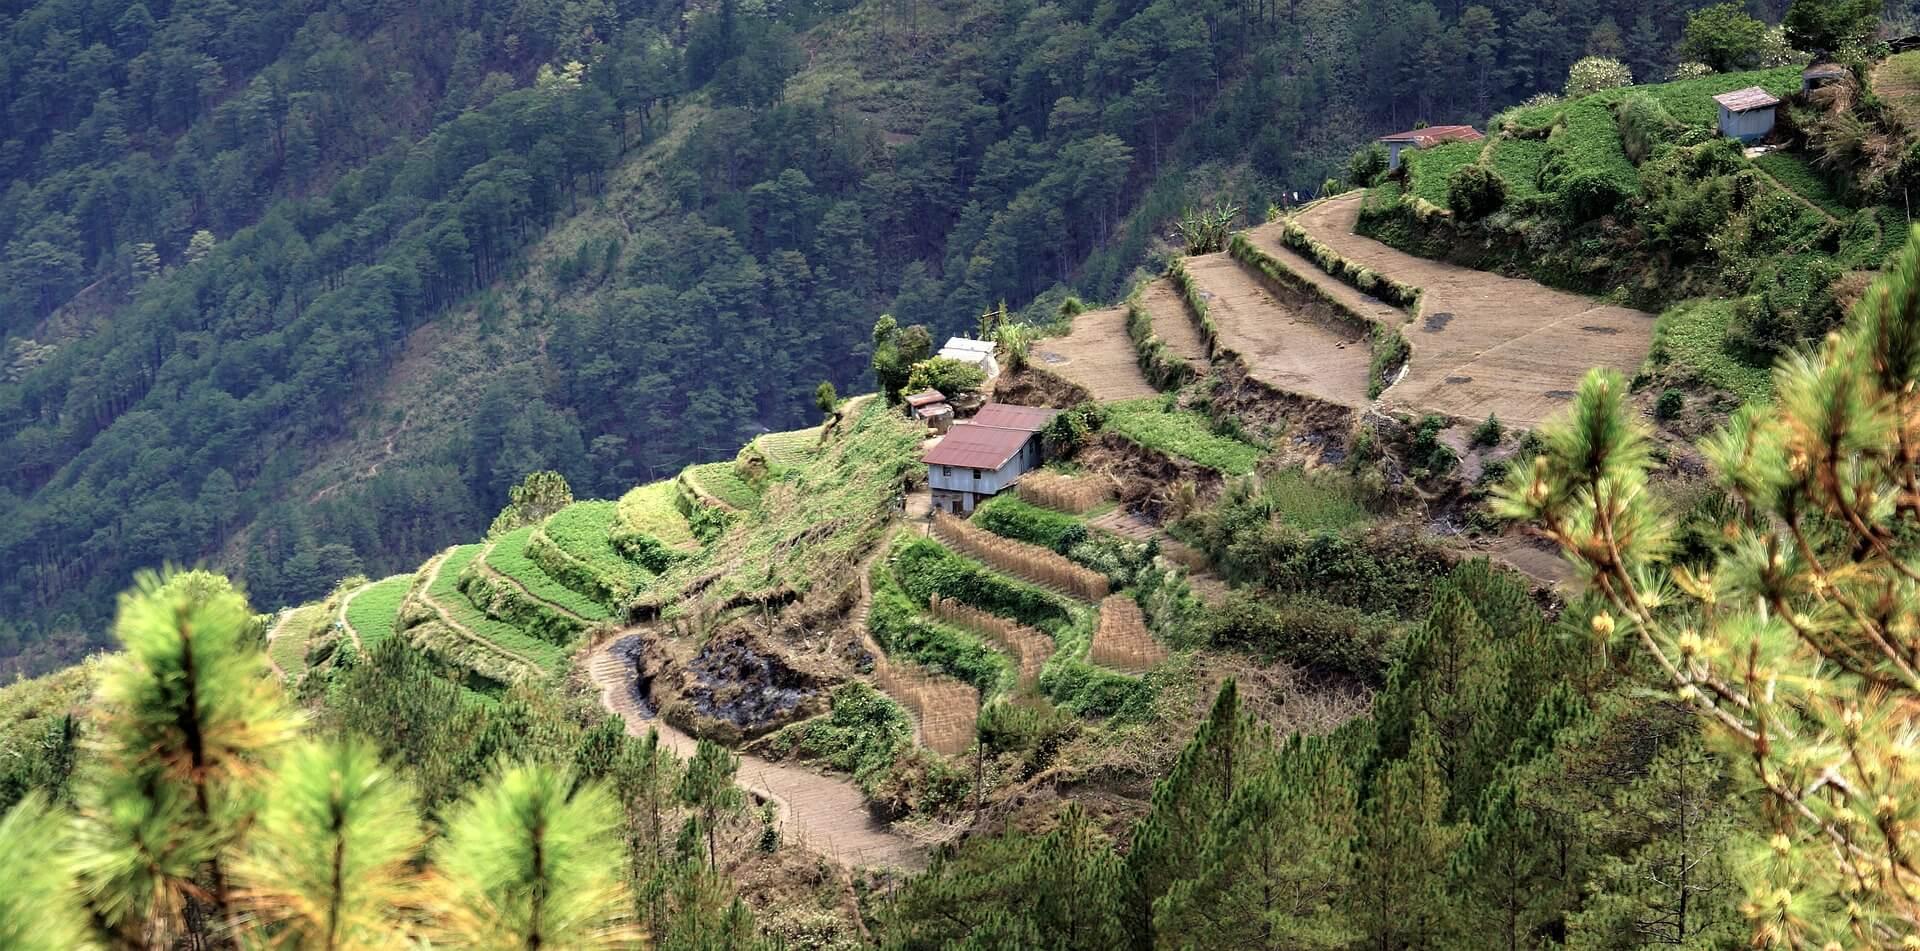 terraces-2275061_1920-1495452899.jpg